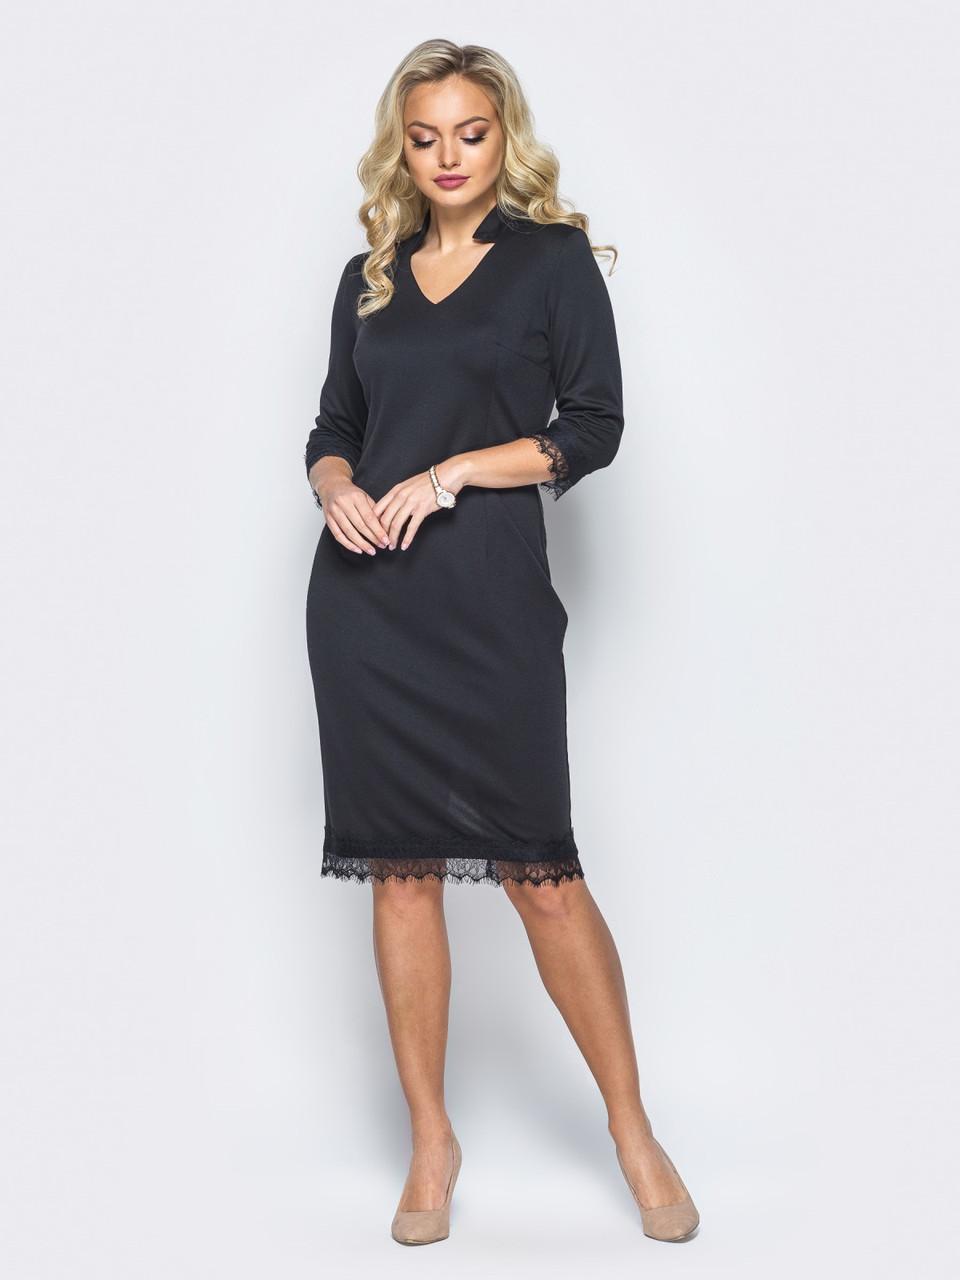 68f8ff93fa7 Черное элегантное трикотажное платье-миди большие размеры р.44